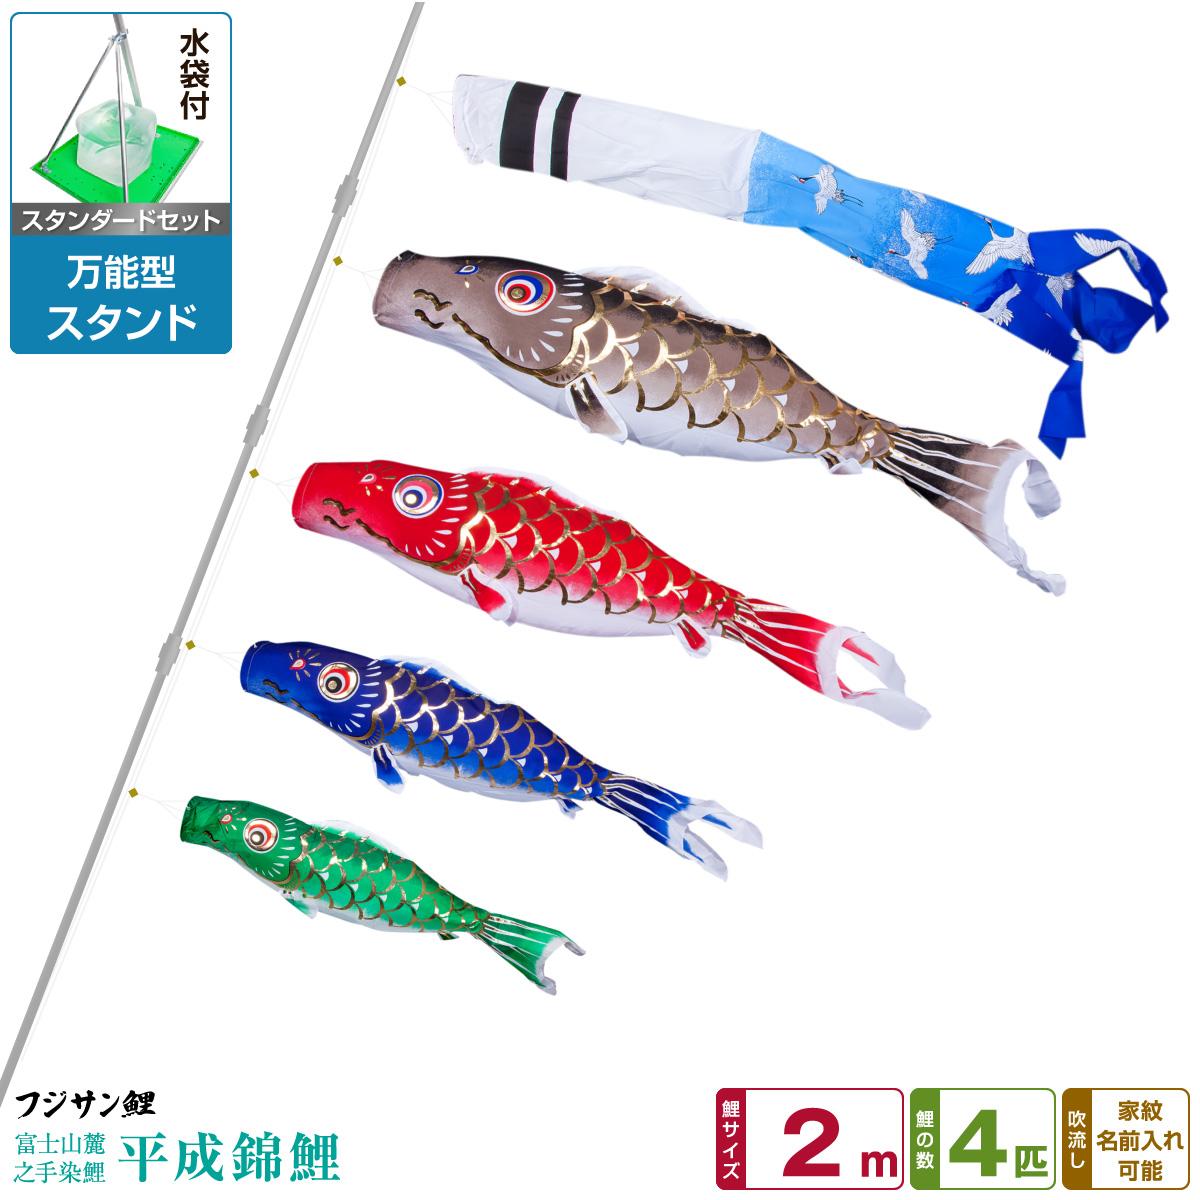 ベランダ用 こいのぼり 鯉のぼり フジサン鯉 平成錦鯉 2m 7点(吹流し+鯉4匹+矢車+ロープ)/スタンダードセット(万能スタンド)